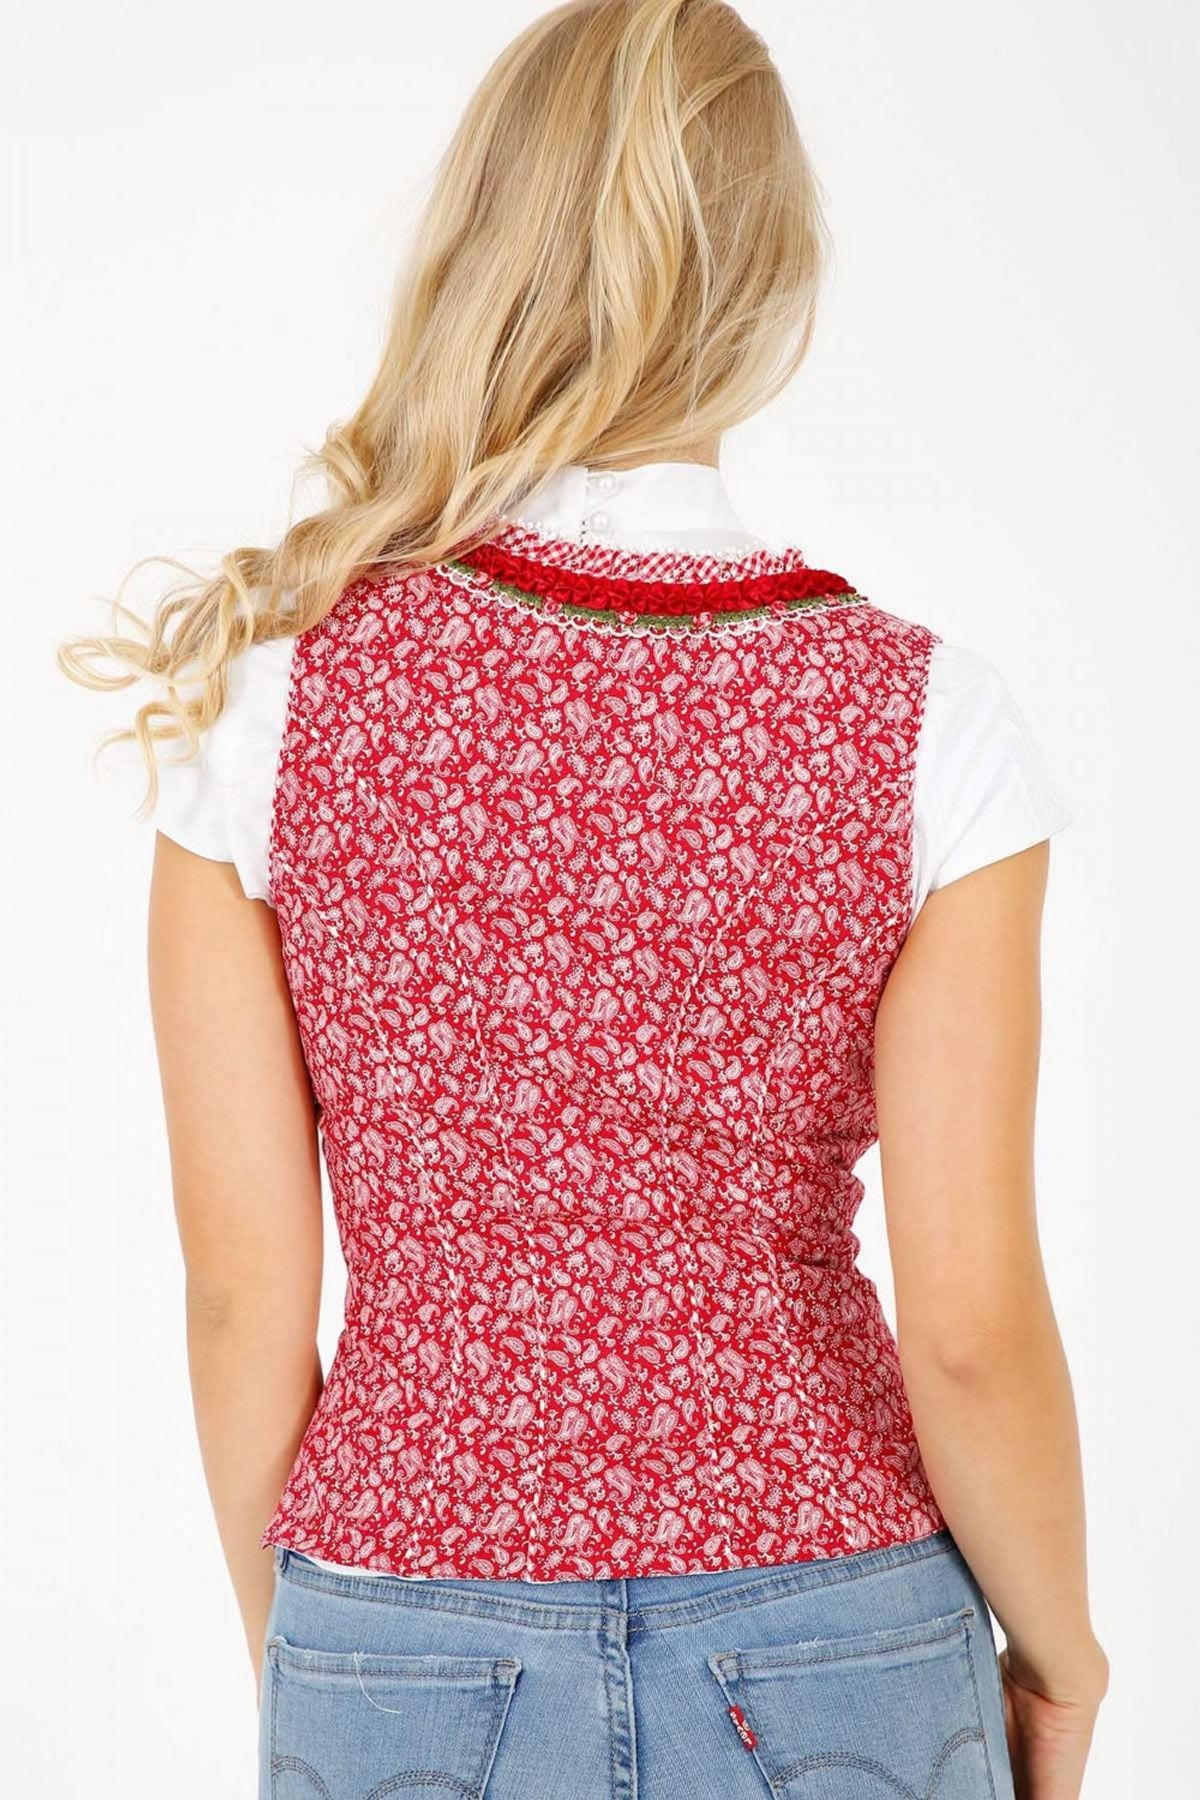 Krüger - Damen Trachtenmieder in rot, Mariella (36500) – Bild 4